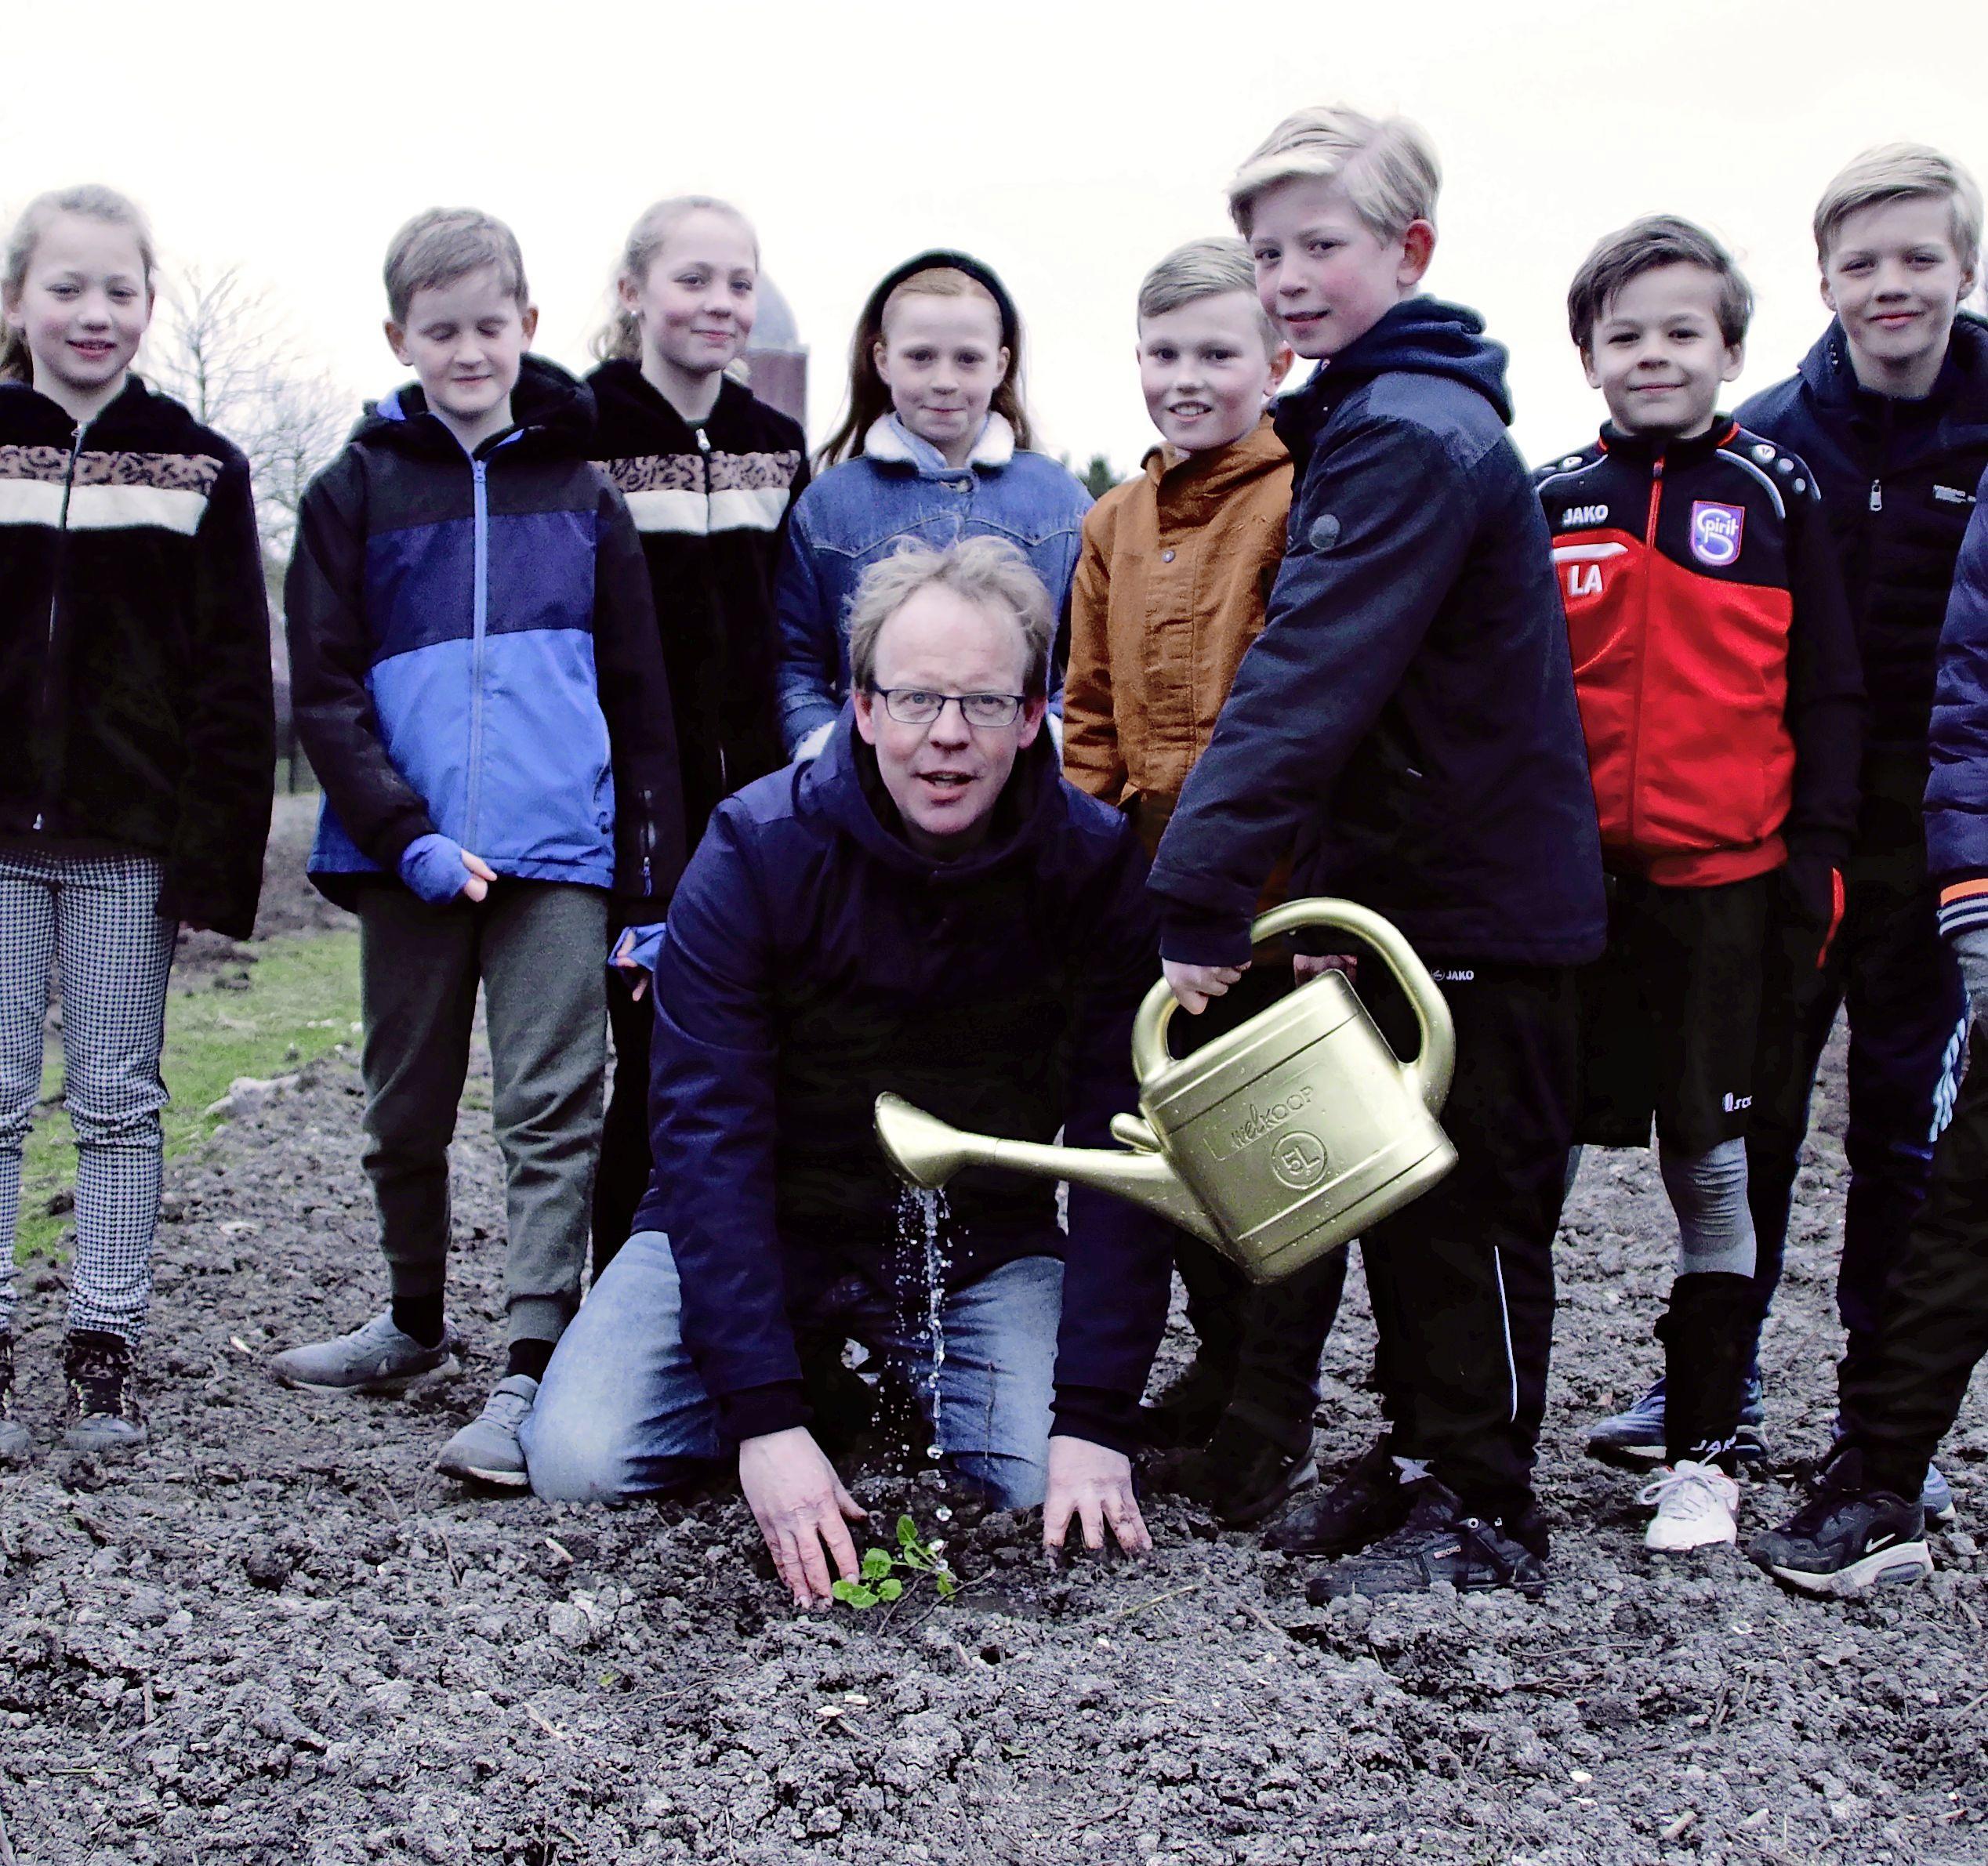 Ook kids in Hoogkarspel krijgen biologieles in de open lucht: wroeten in de schooltuintjes